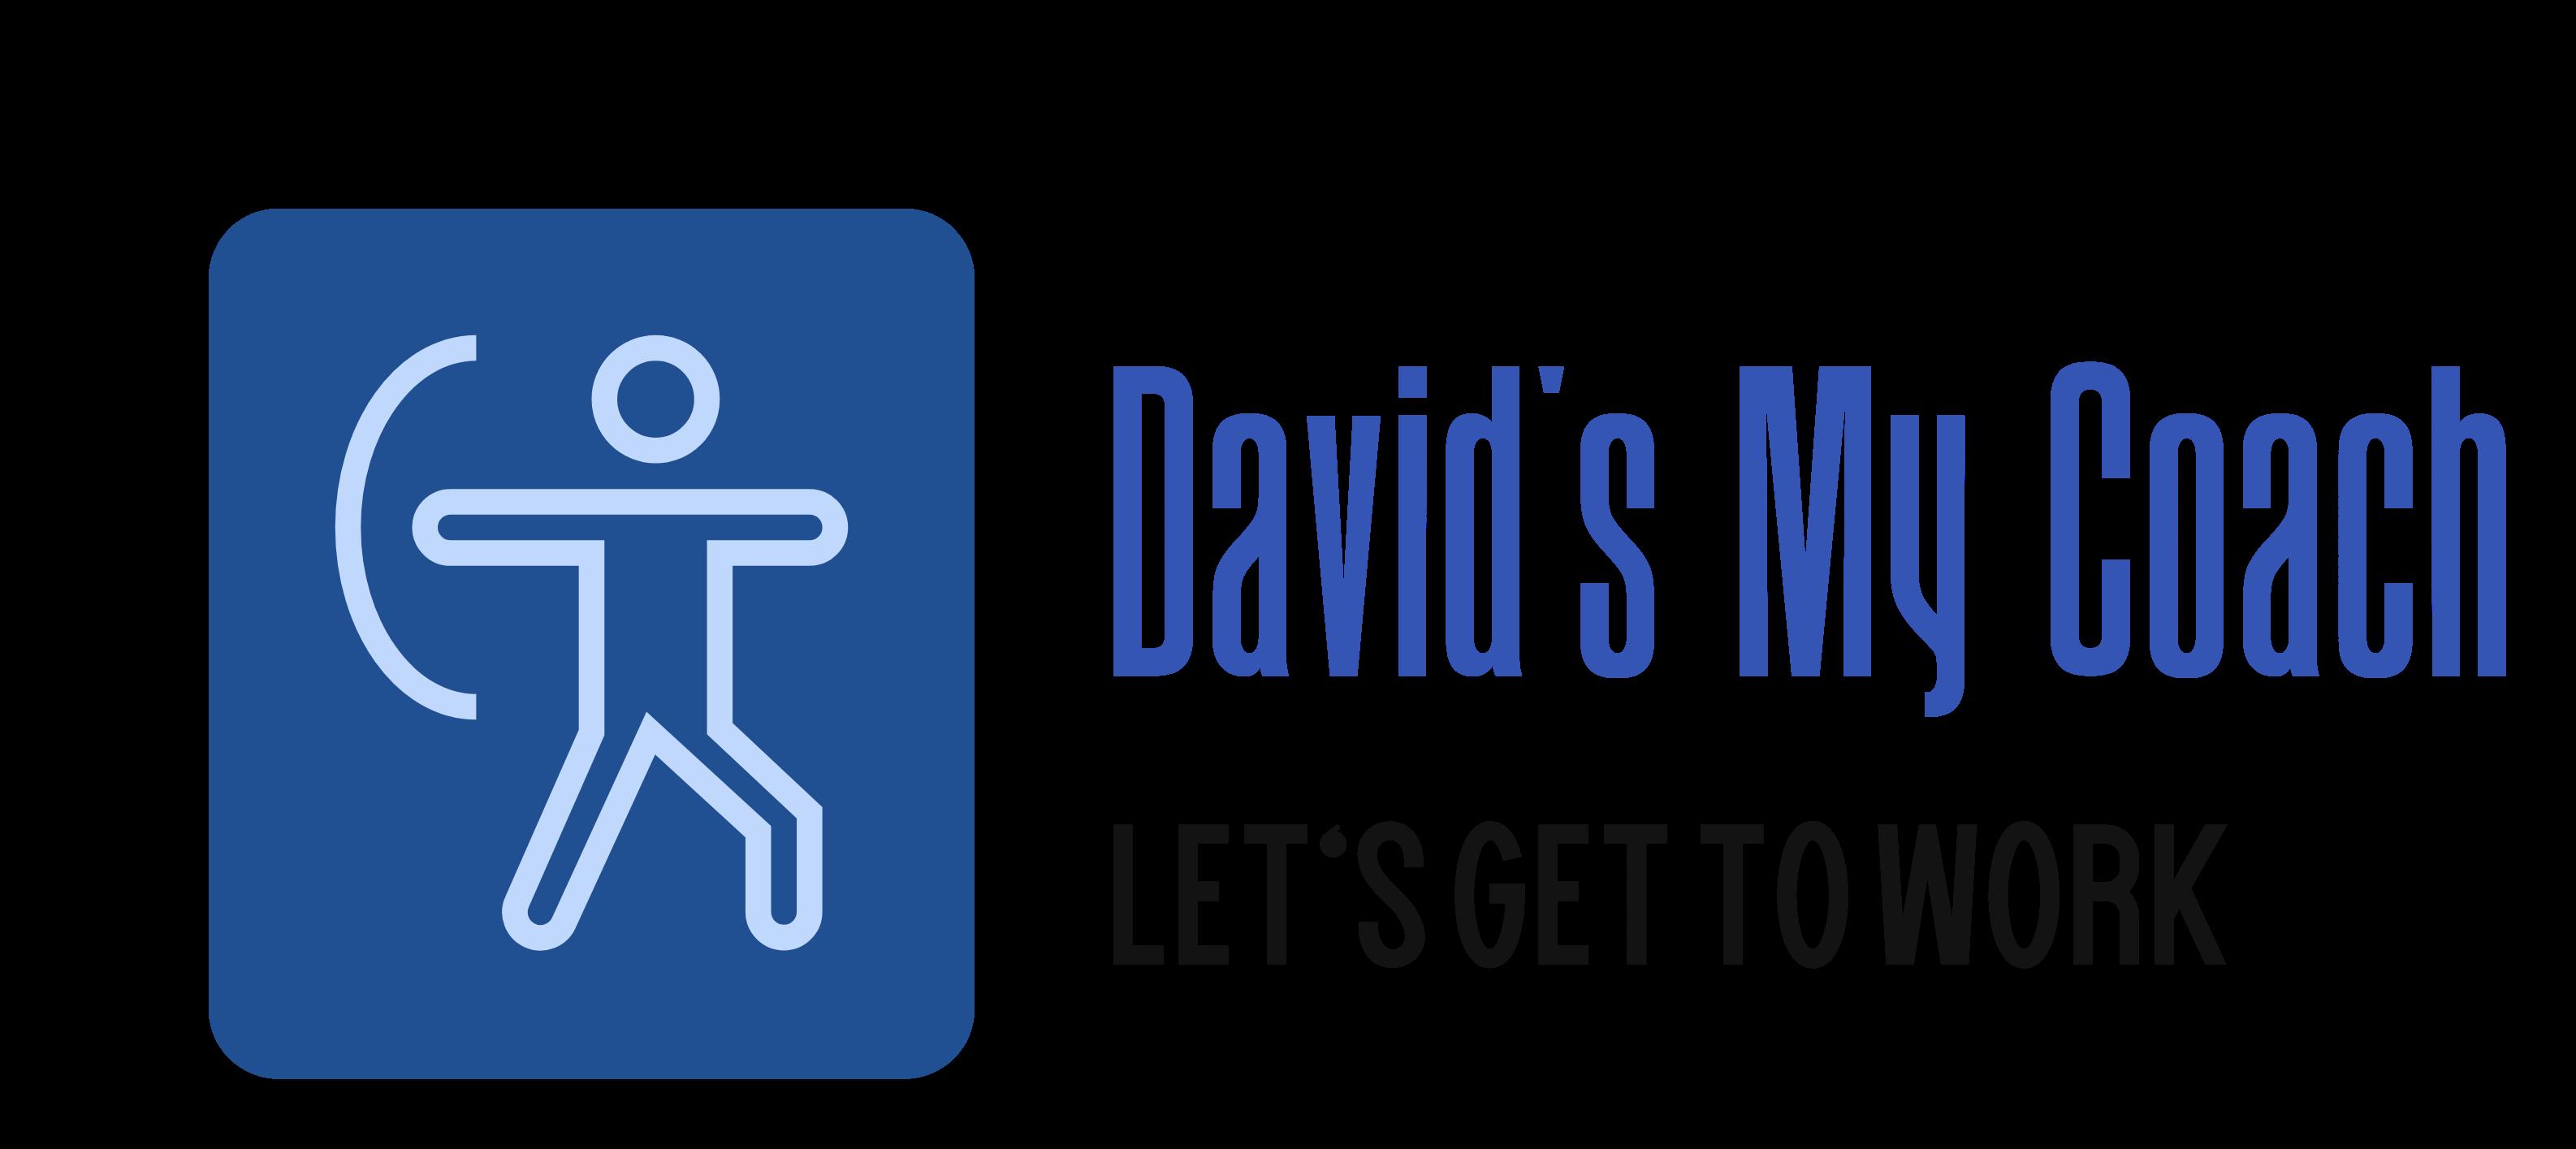 executive presence coaching logo